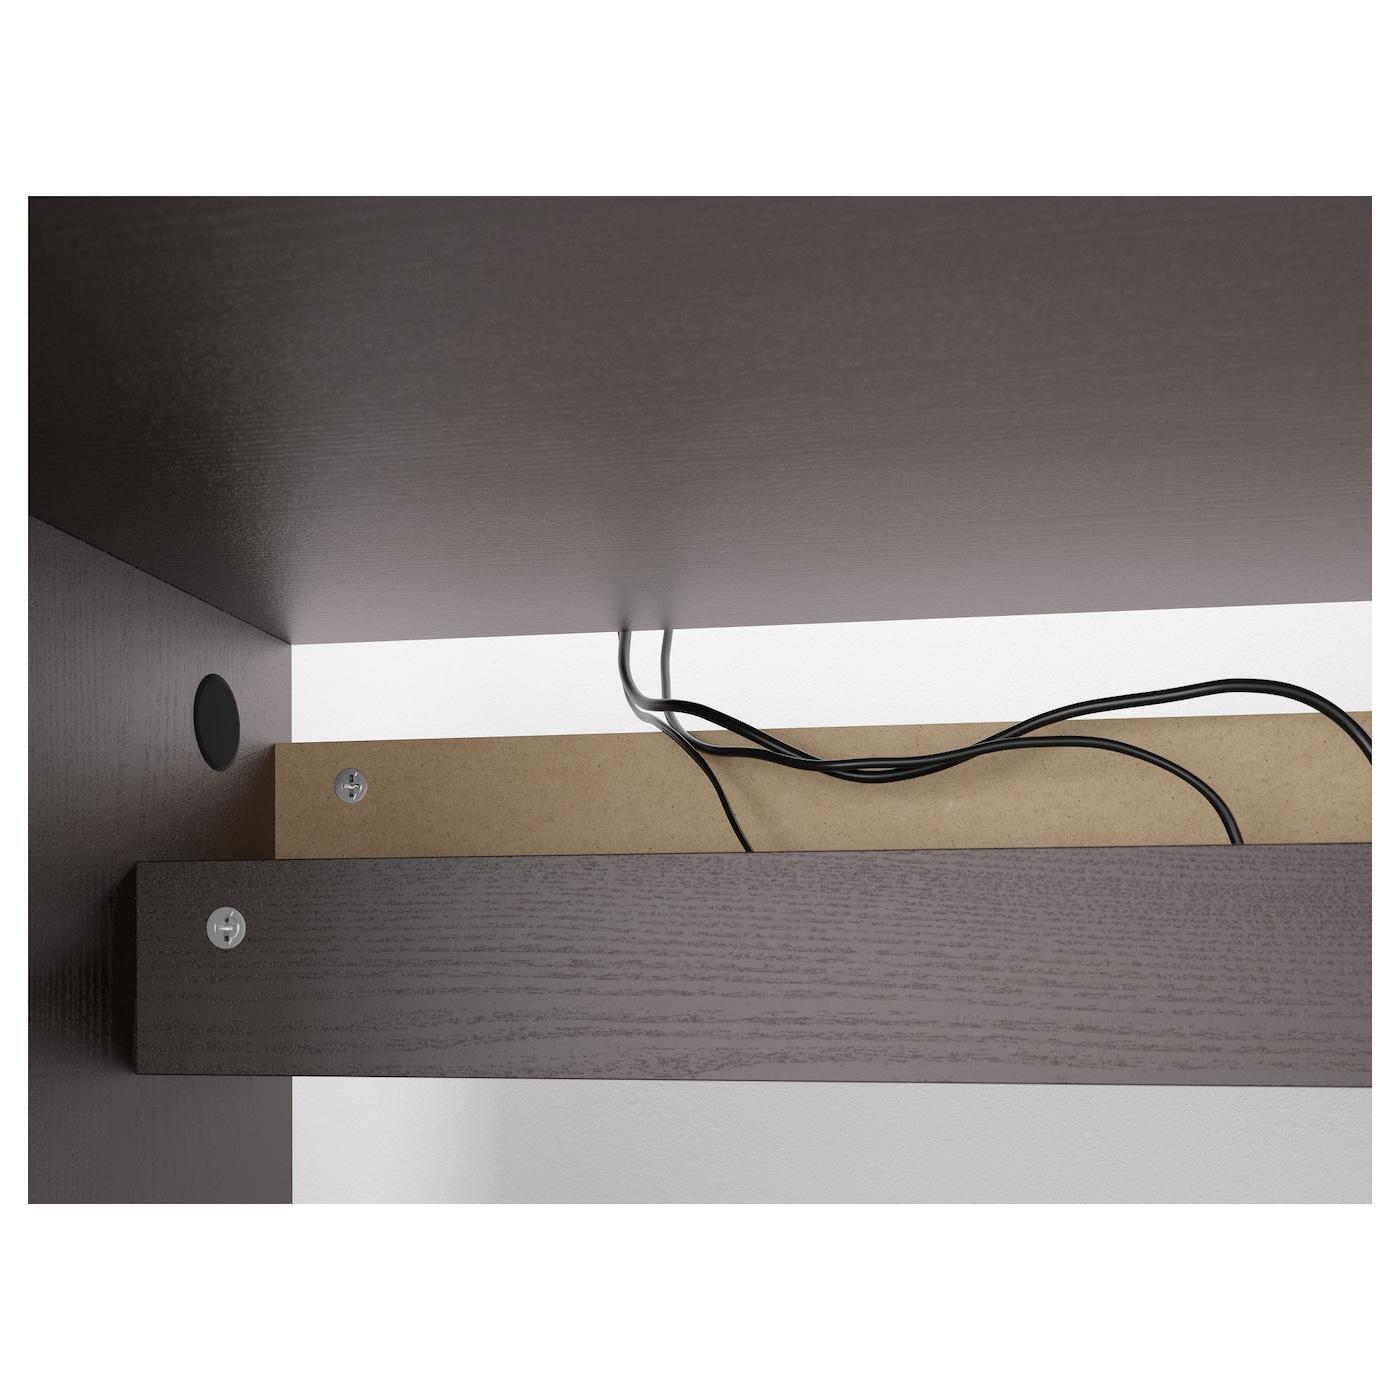 malm desk black brown 140 x 65 cm ikea. Black Bedroom Furniture Sets. Home Design Ideas